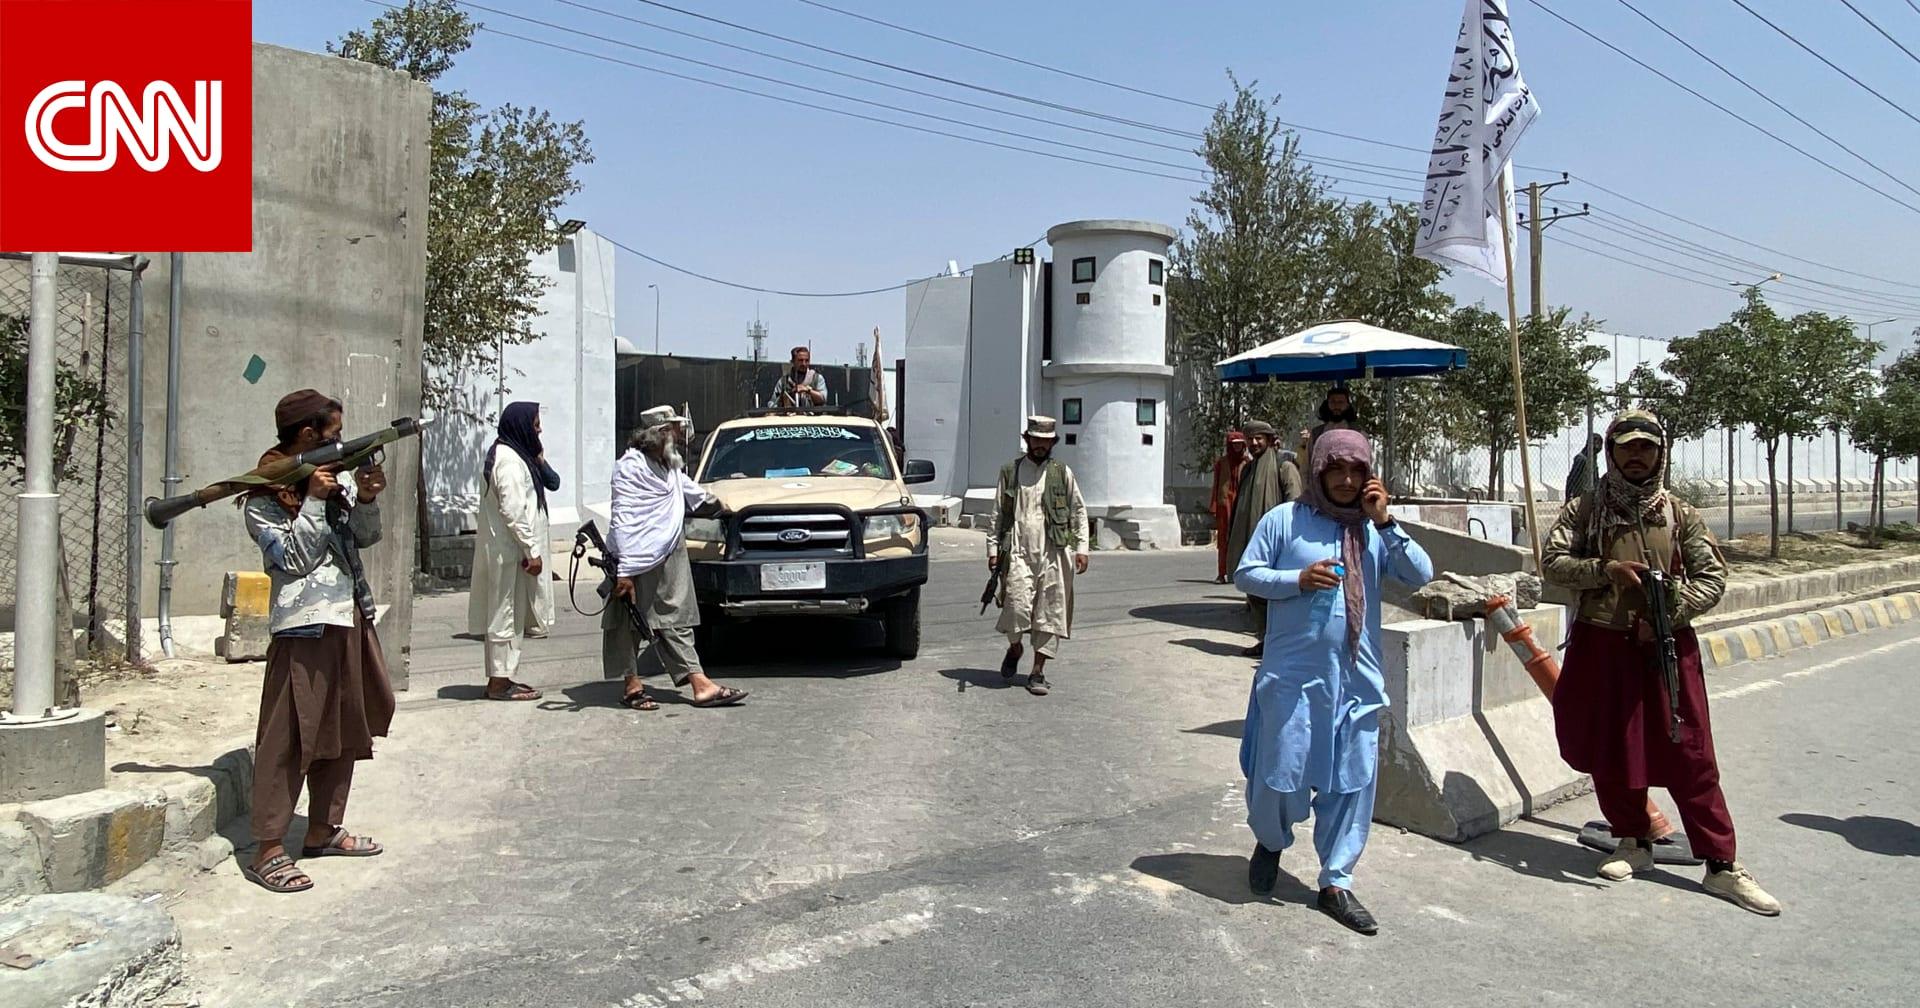 كيف تتعامل شركات التواصل الاجتماعي مع طالبان بعد سيطرتها على أفغانستان؟